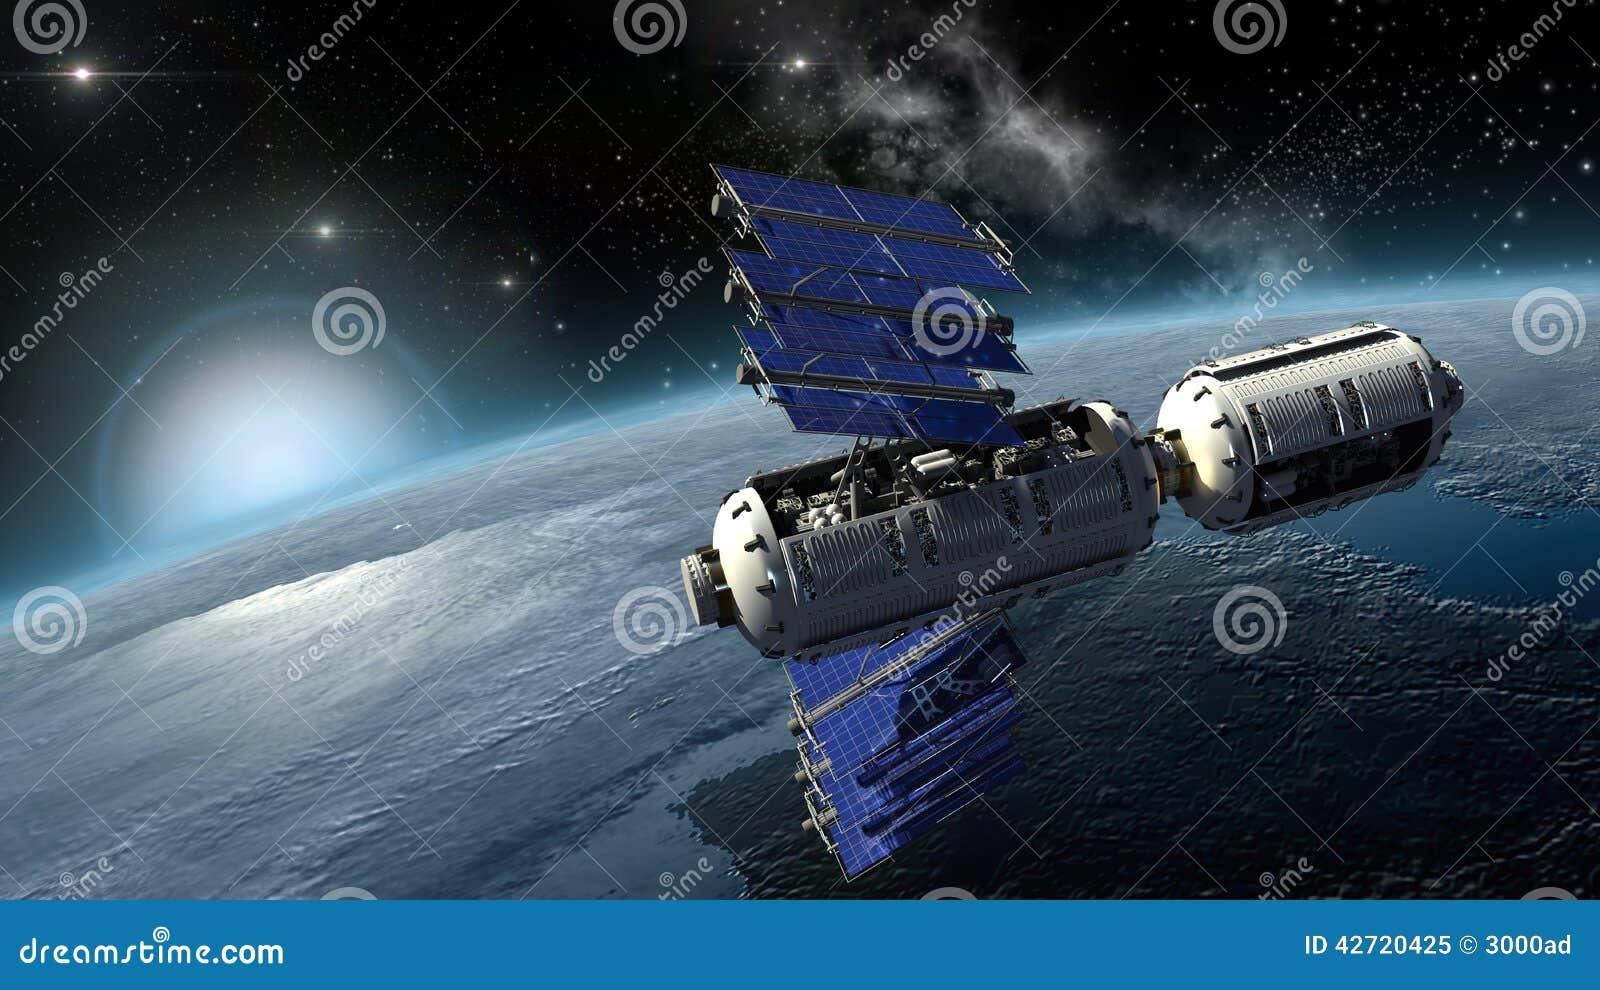 satellite sci fi nasa - photo #8